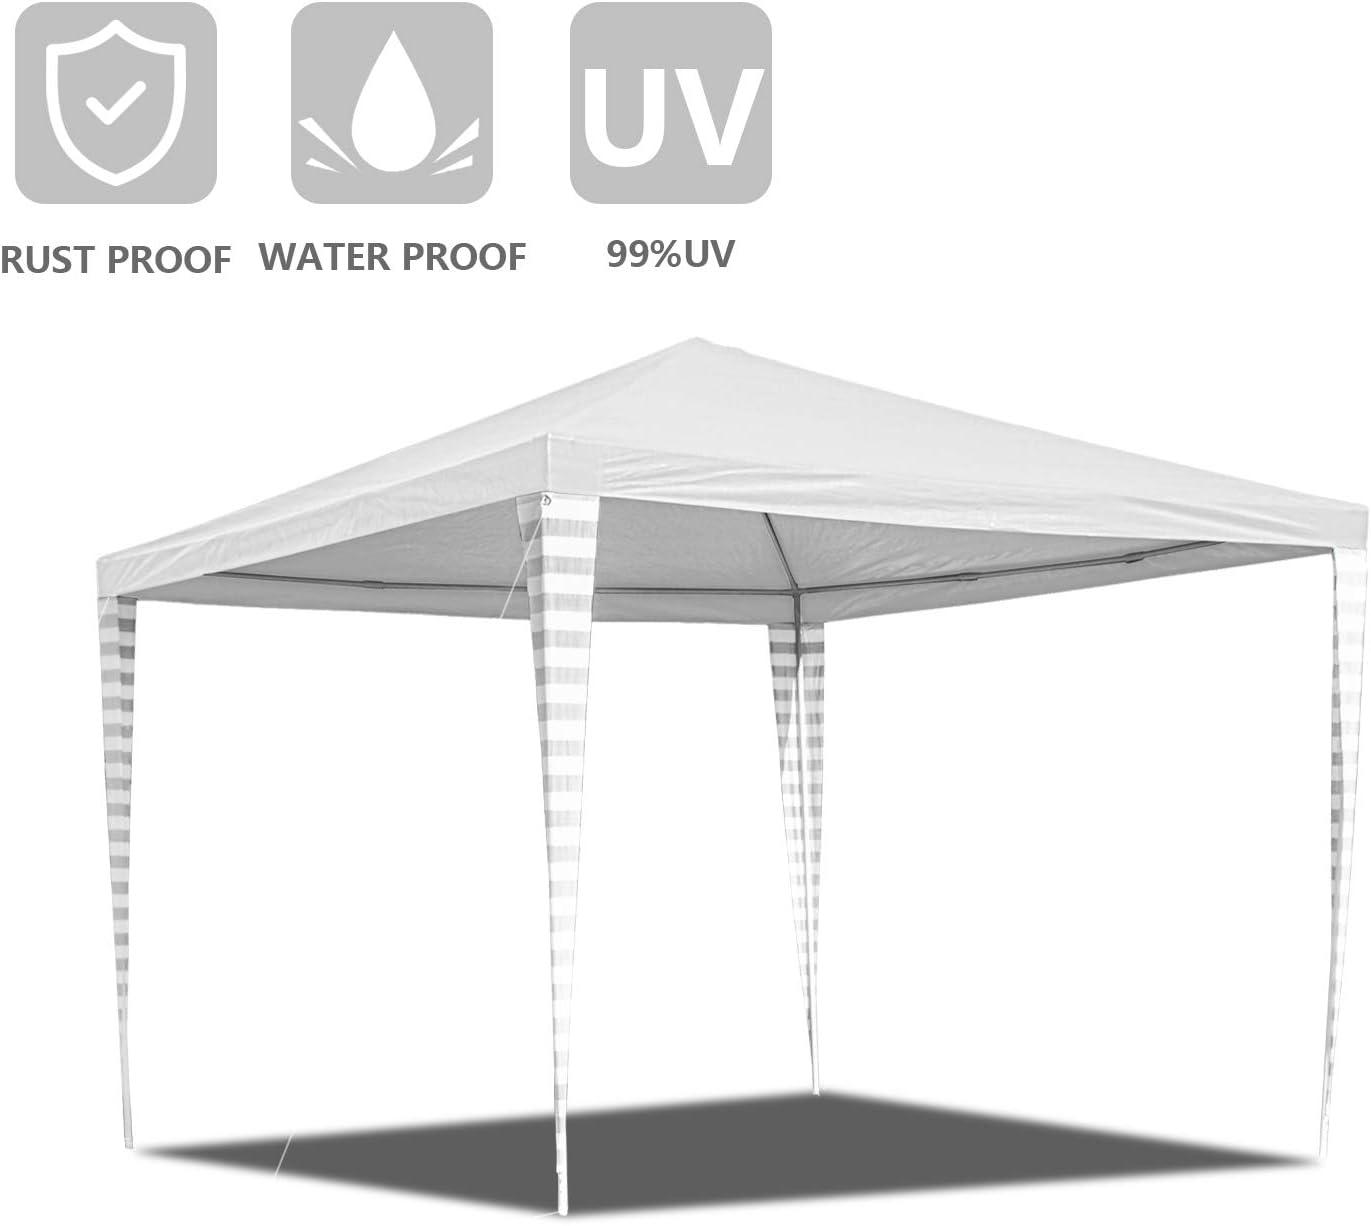 Hengda - Cenador de jardín (3 x 3 m) - Toldo para Fiestas de protección UV - Tienda de campaña para Exteriores, Boda, jardín, Fiesta, Camping, fácil de Instalar, Blanco